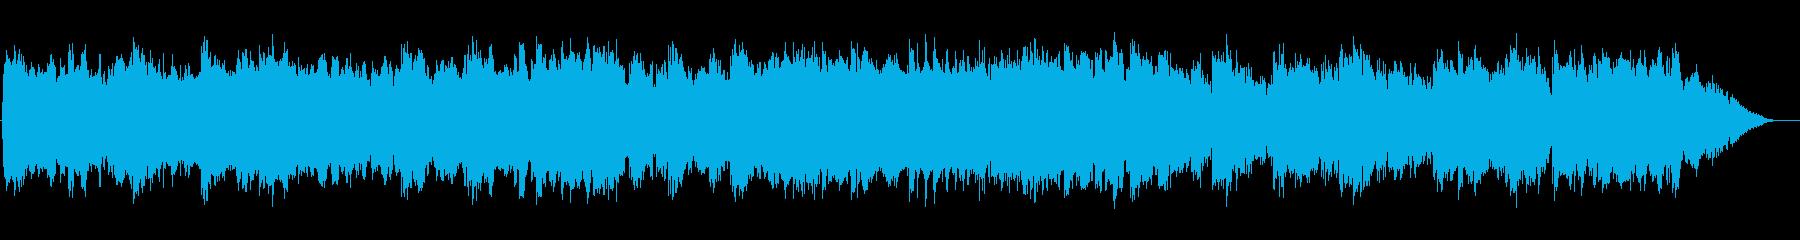 幻想的な光のイメージのアンビエント音楽の再生済みの波形